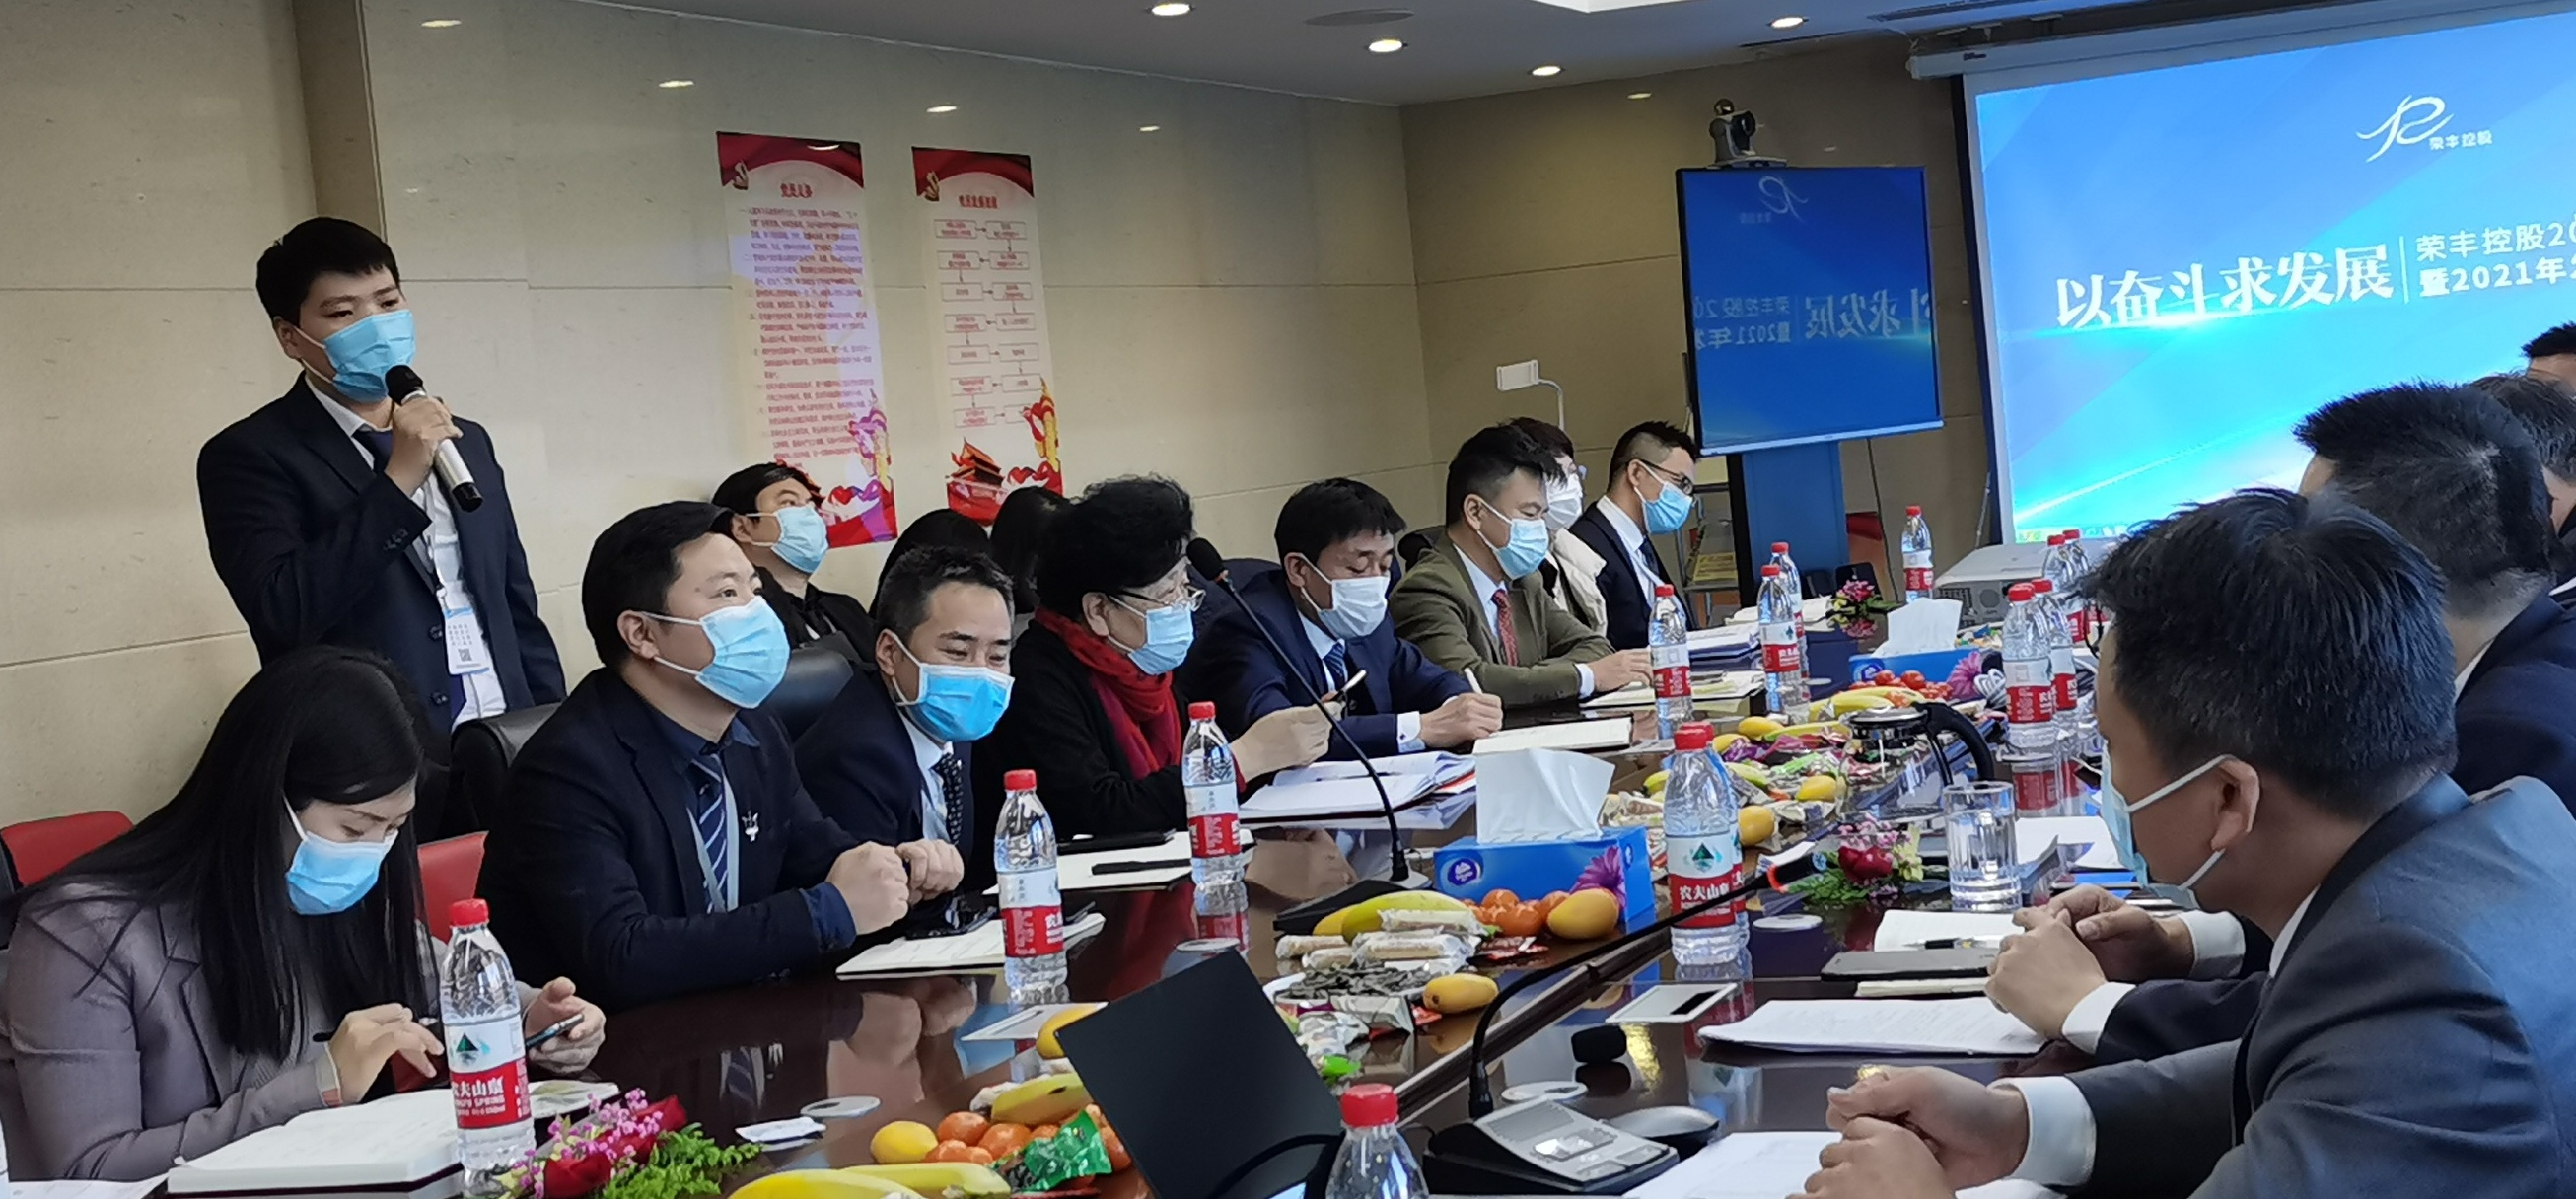 荣丰控股召开2020年度总结暨2021年发展规划全员大会